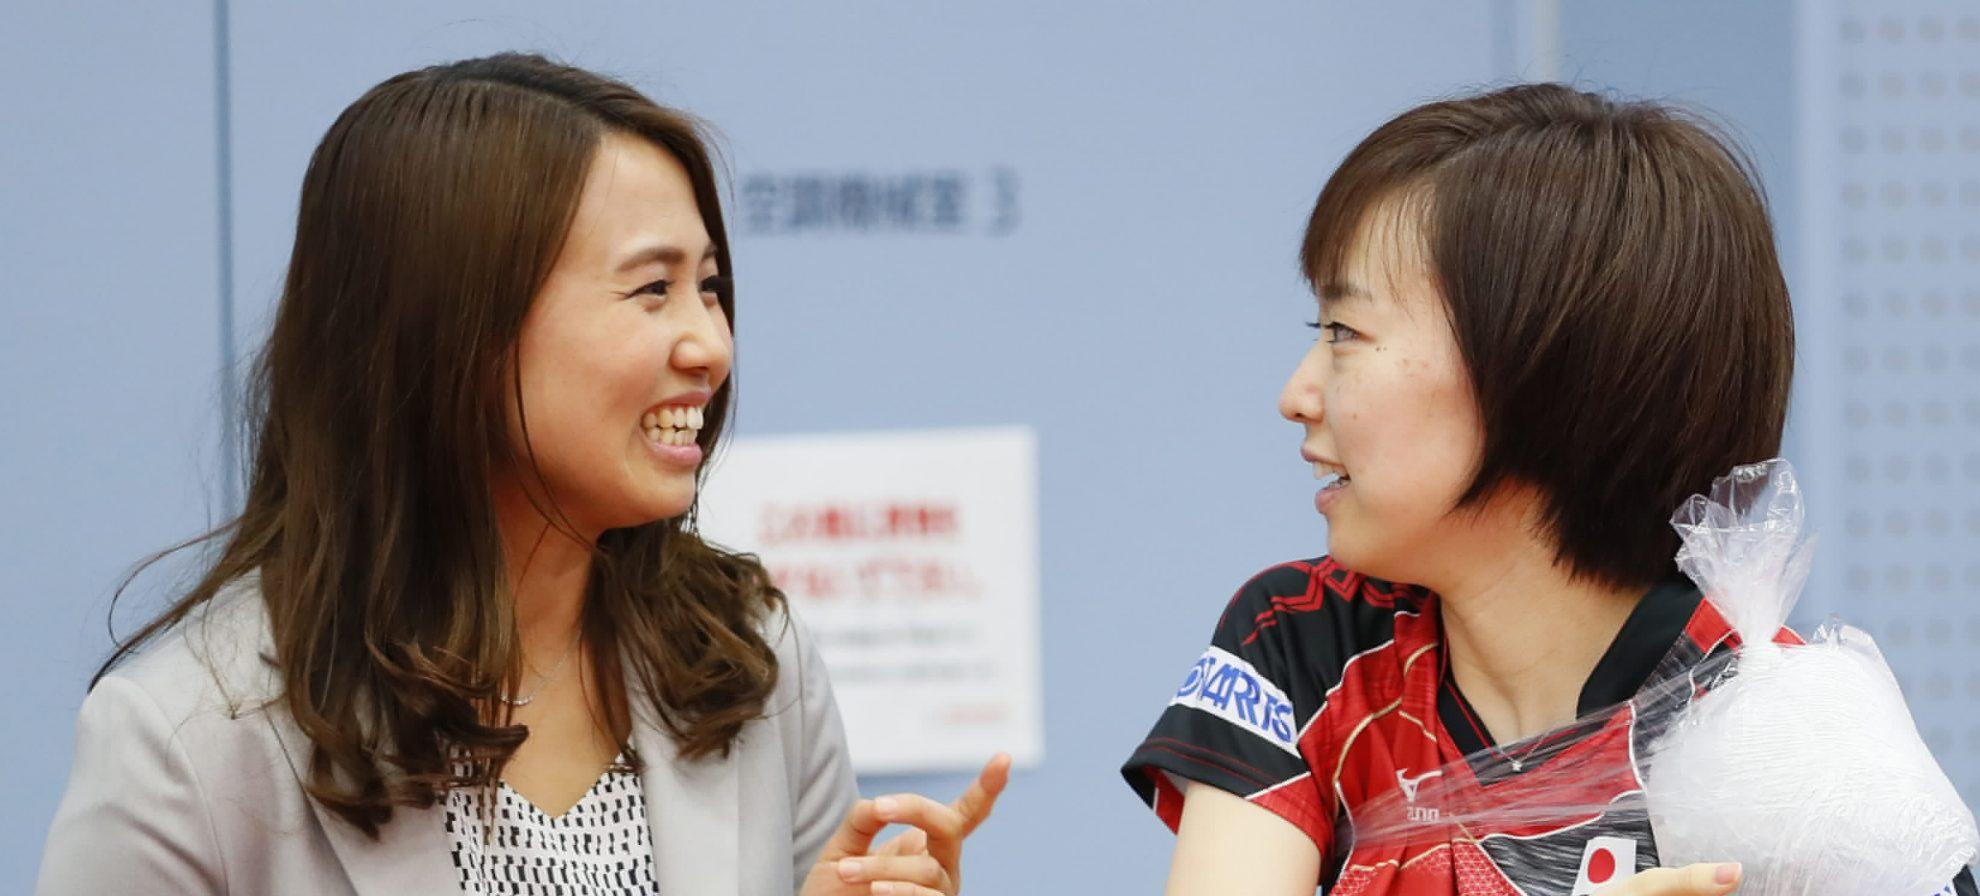 【卓球】平野早矢香・盟友福原愛の引退でツーショット公開、「卓球界は彼女のおかげ」とねぎらう